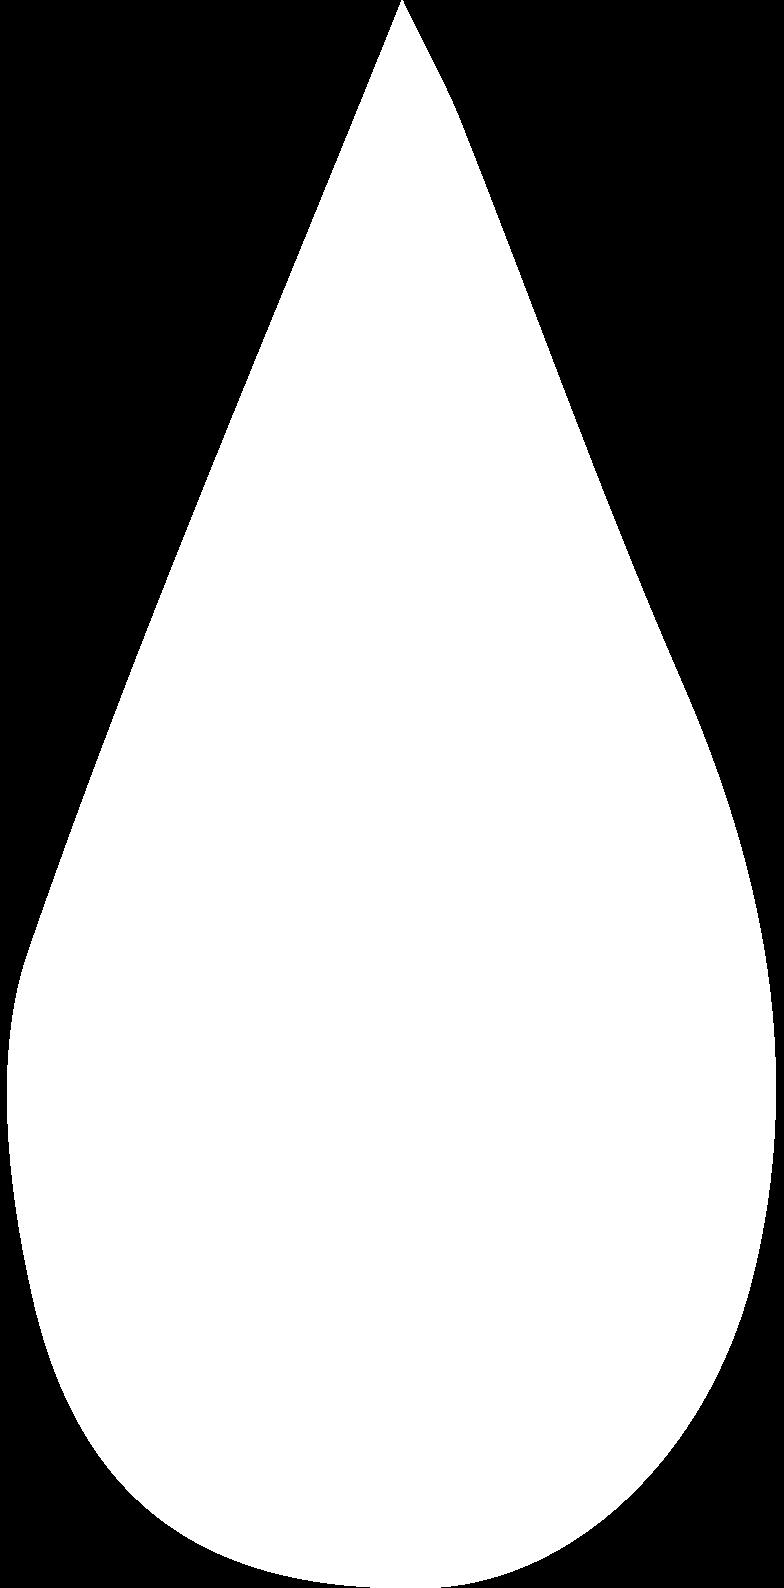 teardrop Clipart illustration in PNG, SVG